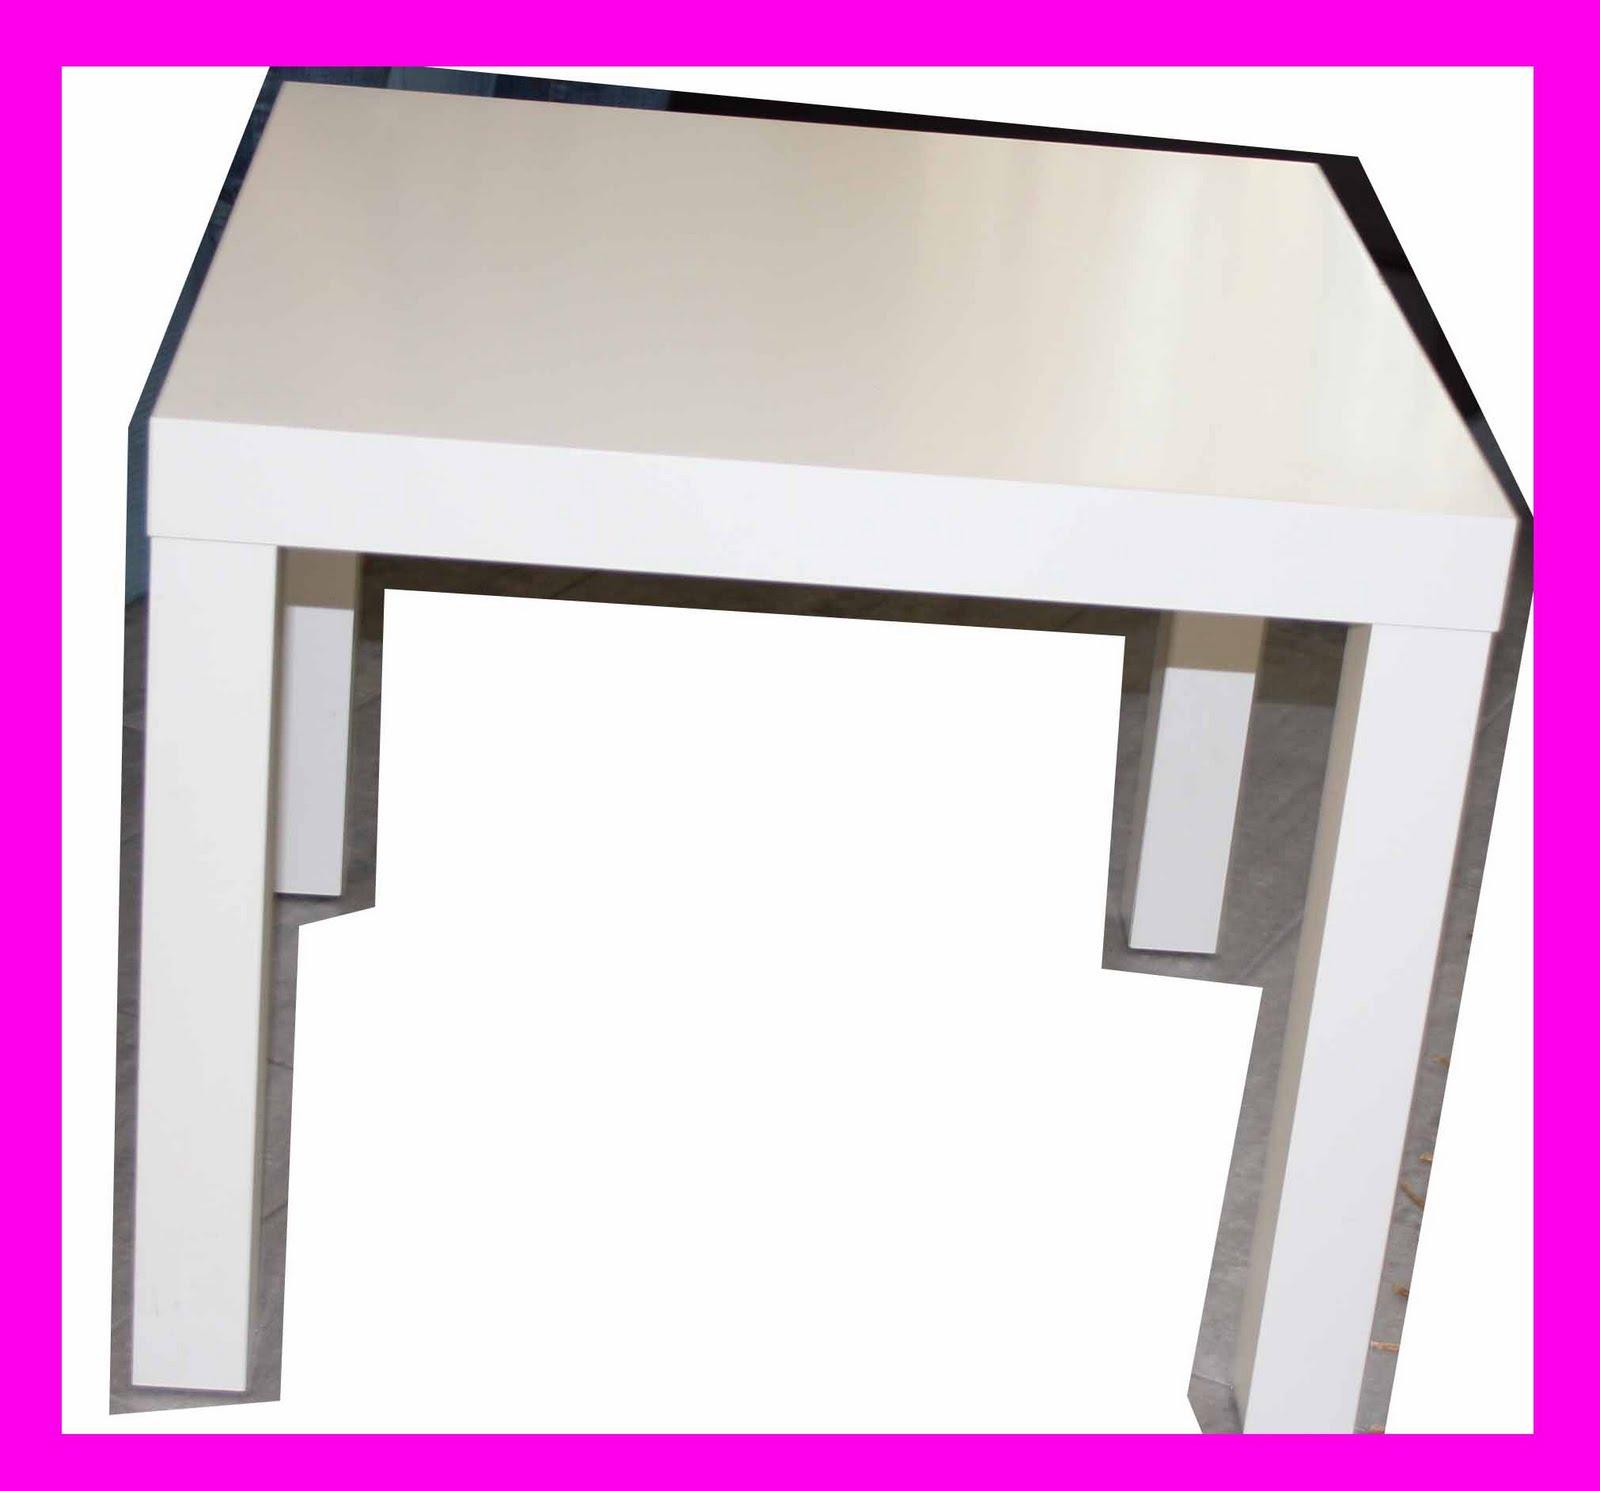 ikea m bel versch nern ikea schreibtisch selber. Black Bedroom Furniture Sets. Home Design Ideas